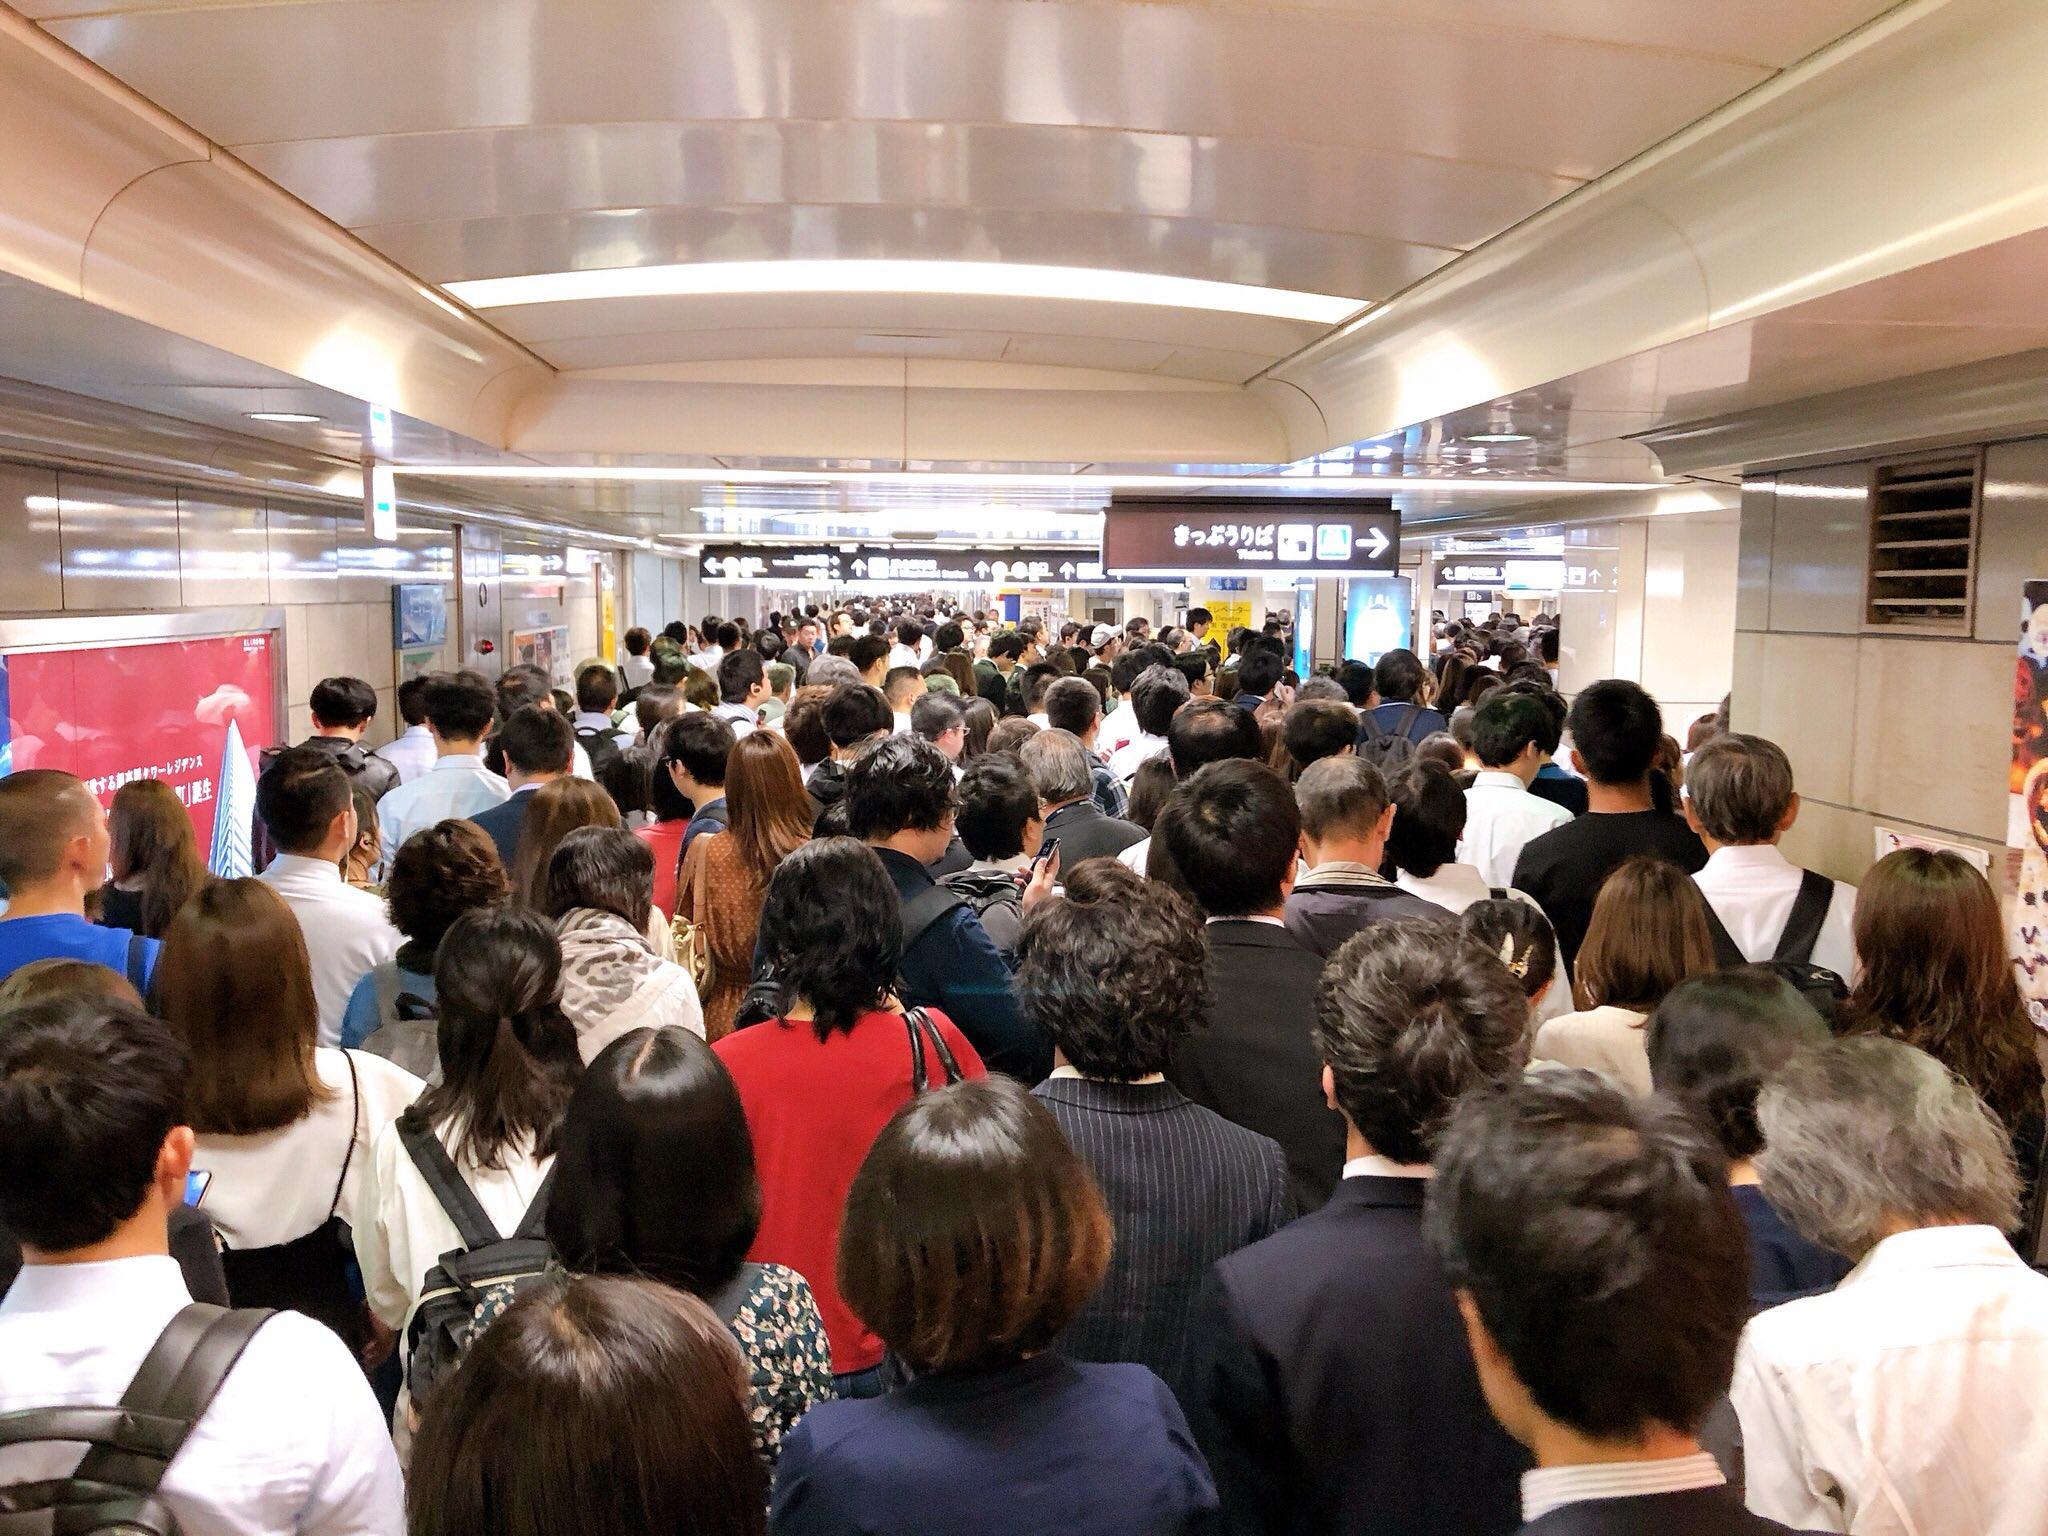 画像,御堂筋線で人身事故があったらしく四ツ橋線の西梅田駅に人が流れまくってヤベーことになってる。。。#梅田#御堂筋線#人身事故#西梅田駅 https://t.co/w…